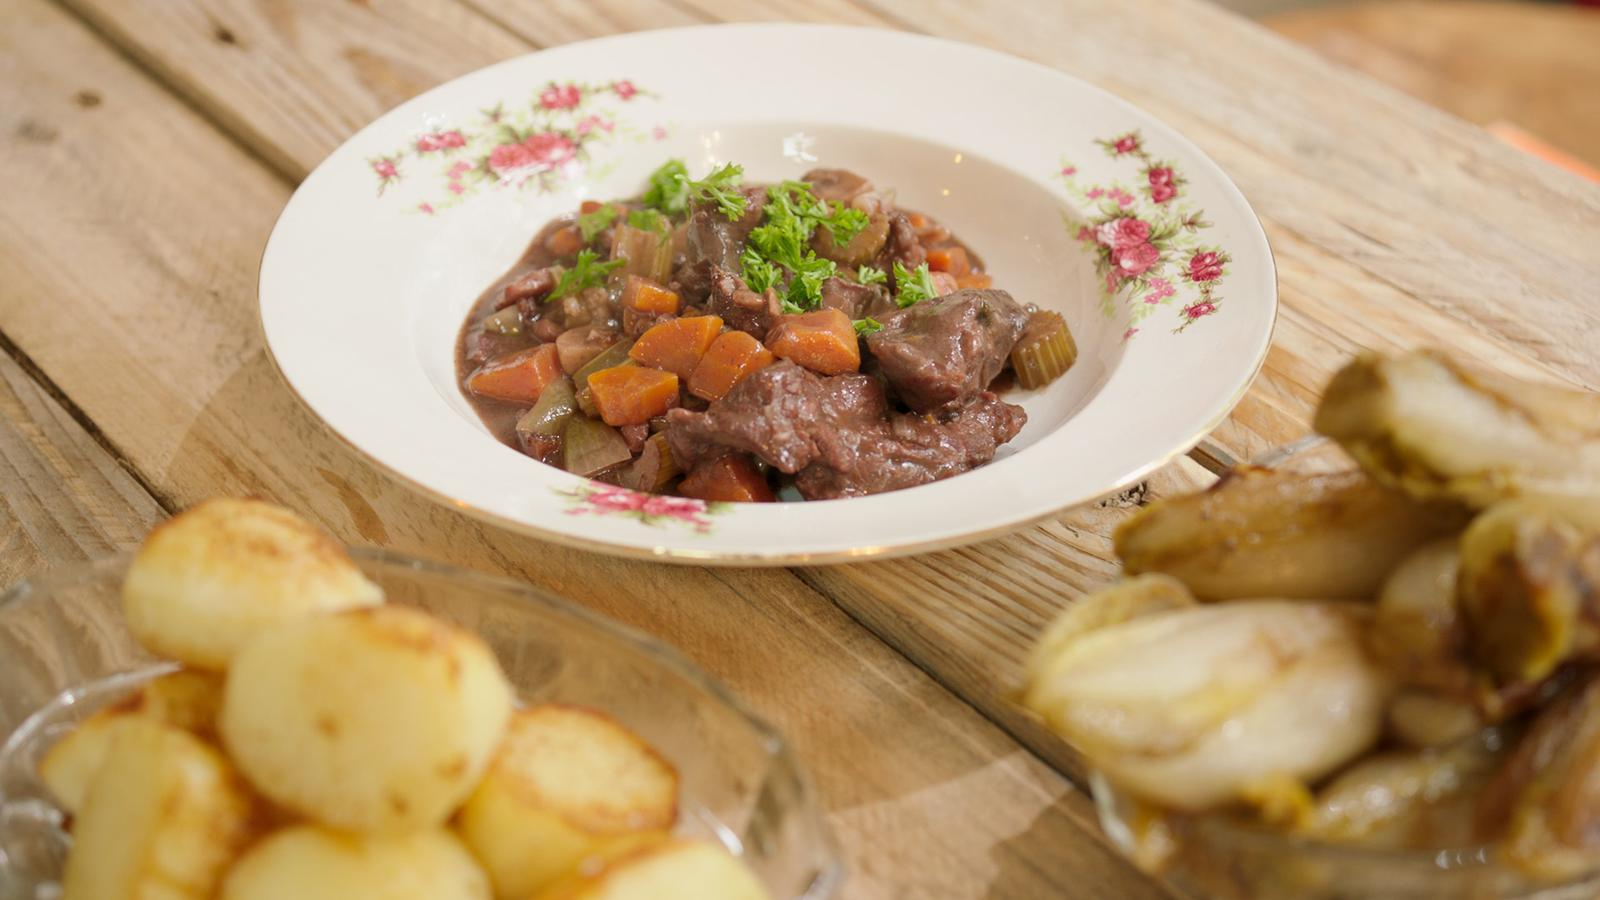 Boeuf bourguignon met gebakken aardappelen en witloof